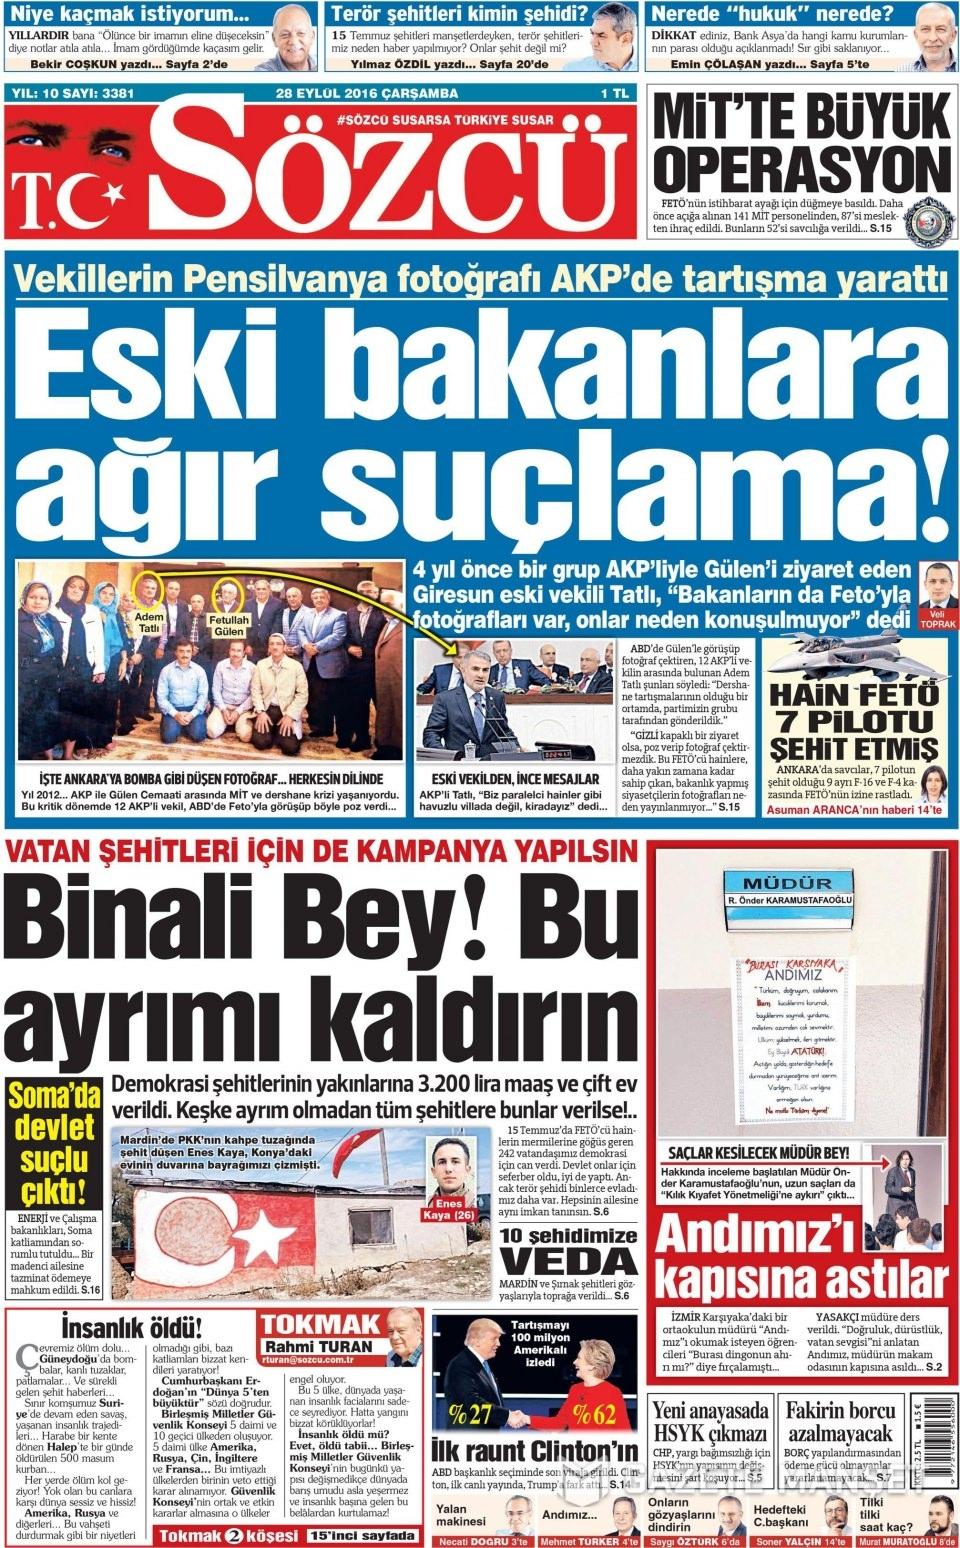 28 Eylül Çarşamba gazete manşetleri 6